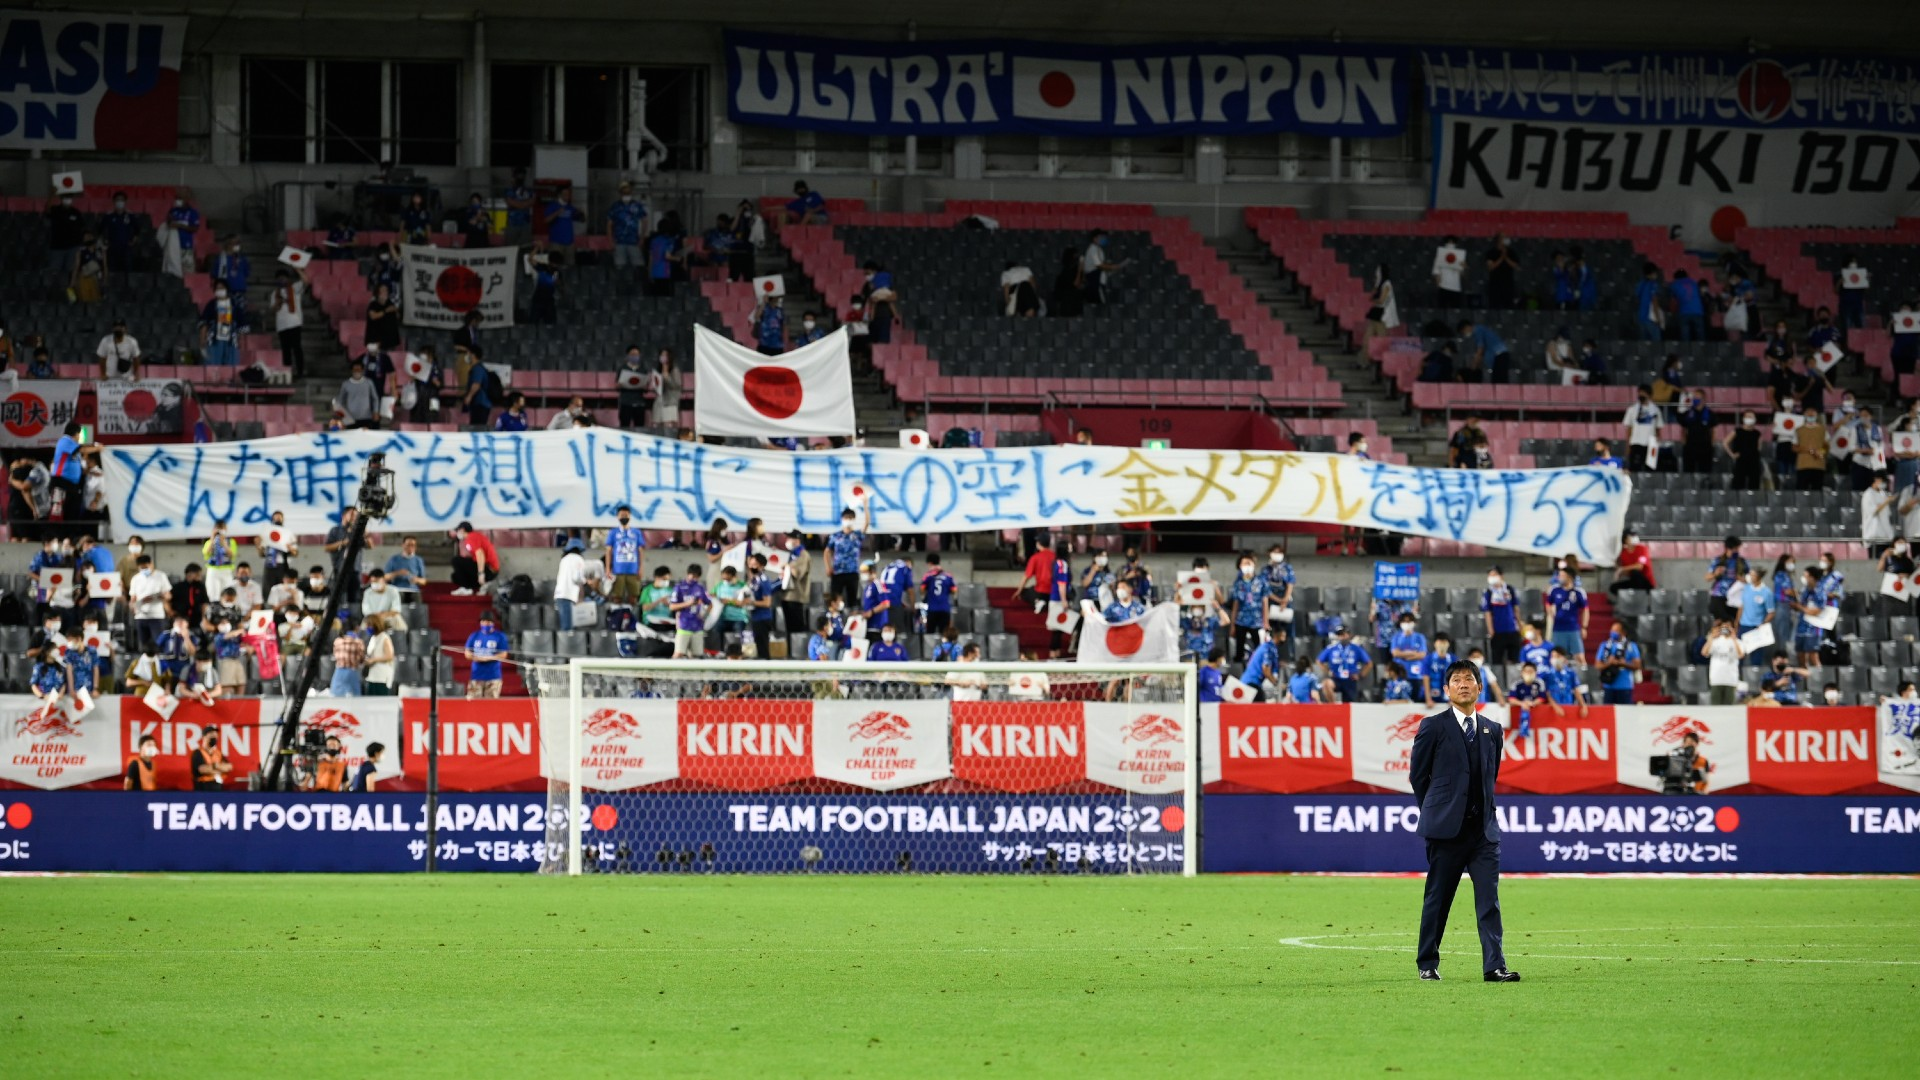 東京五輪優勝を目指すU-24日本代表が優勝候補のスペインとドロー|キリンチャレンジカップ|フォトギャラリー